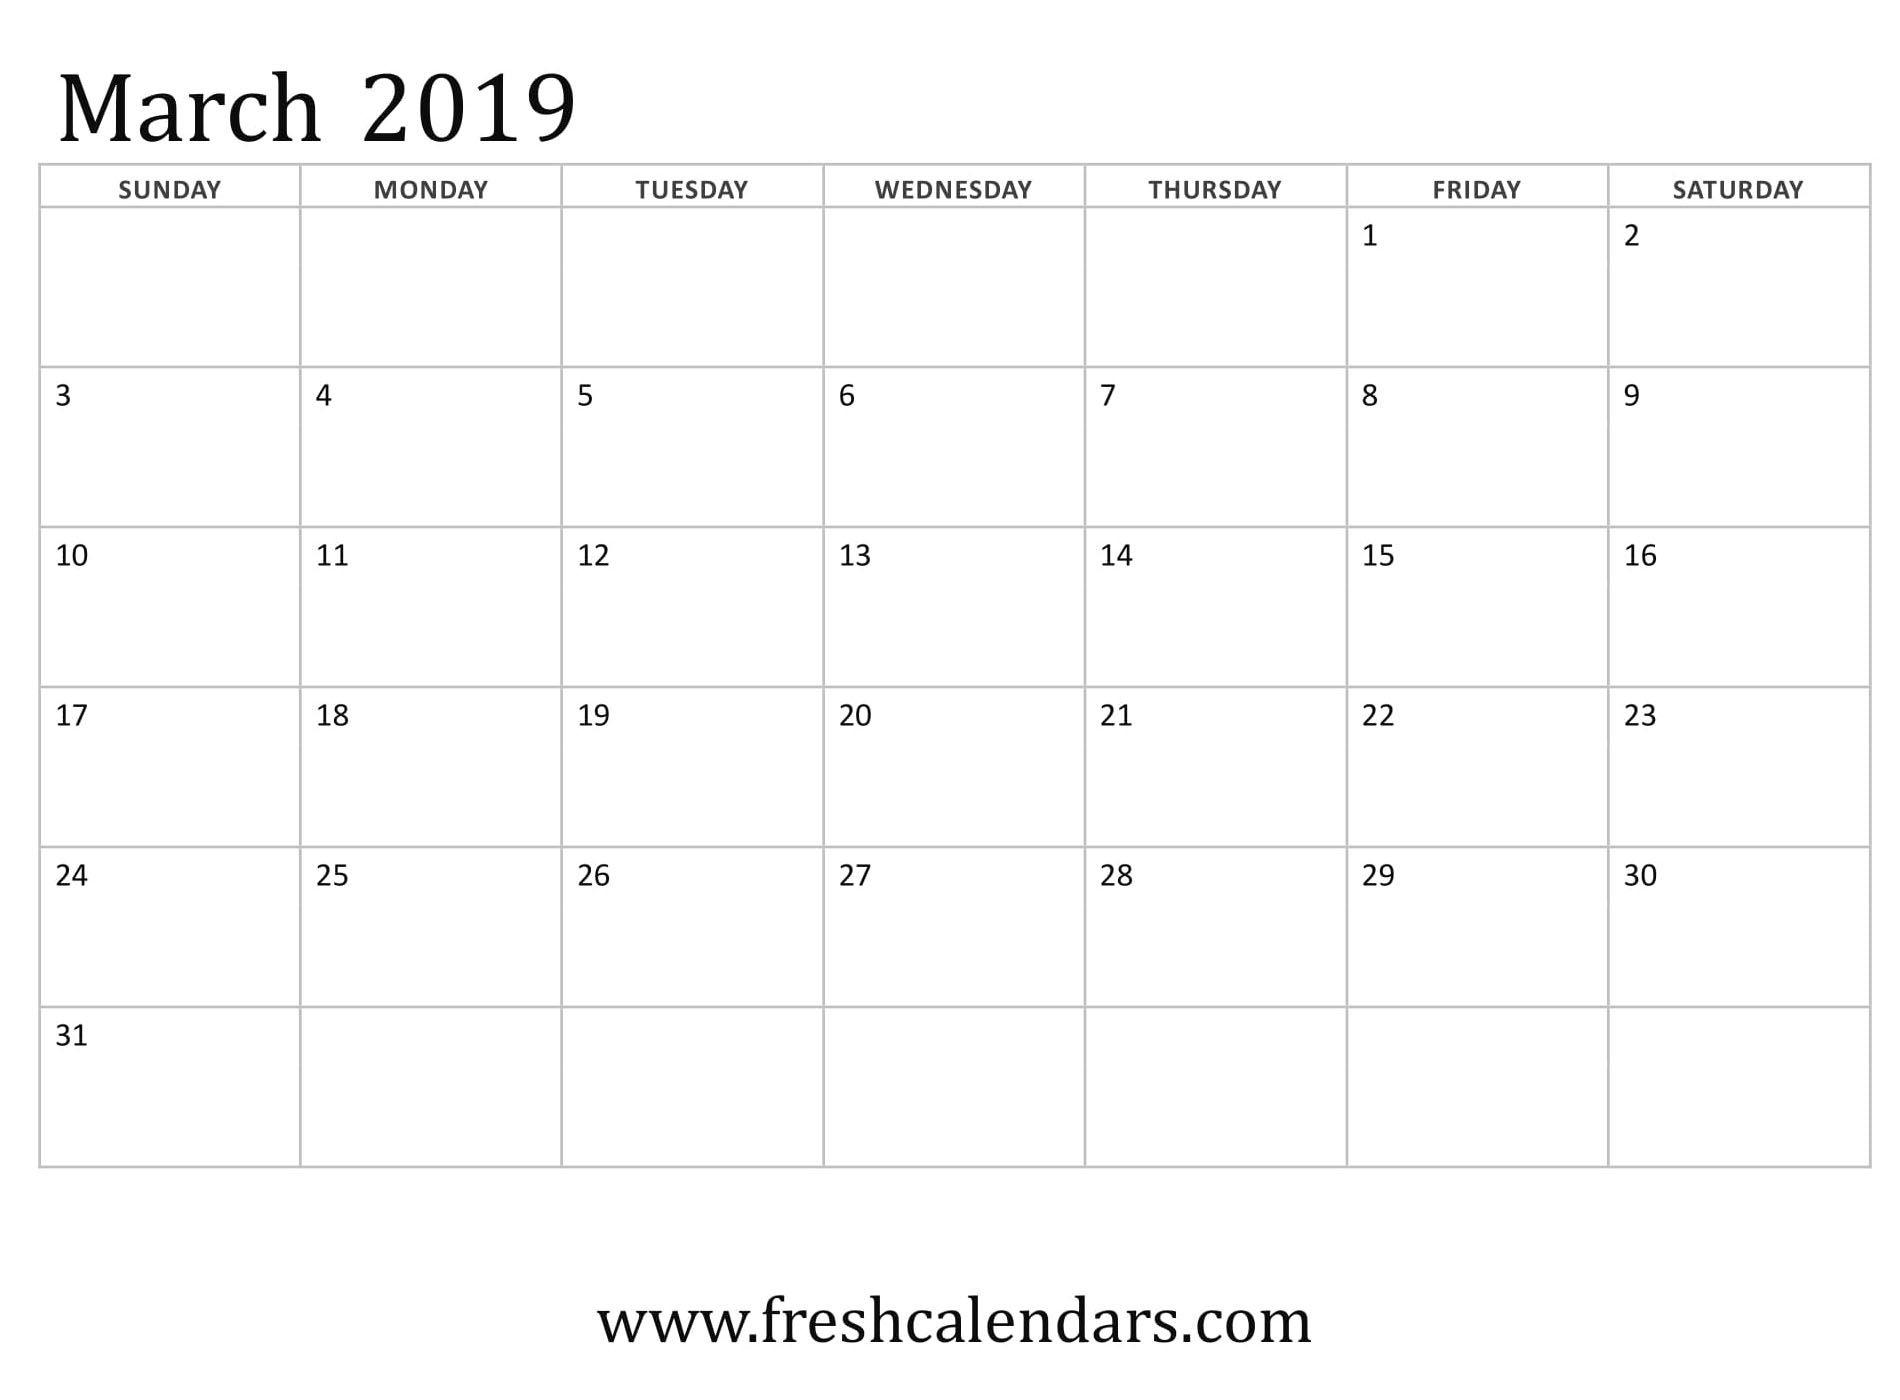 Free March 2019 Calendar